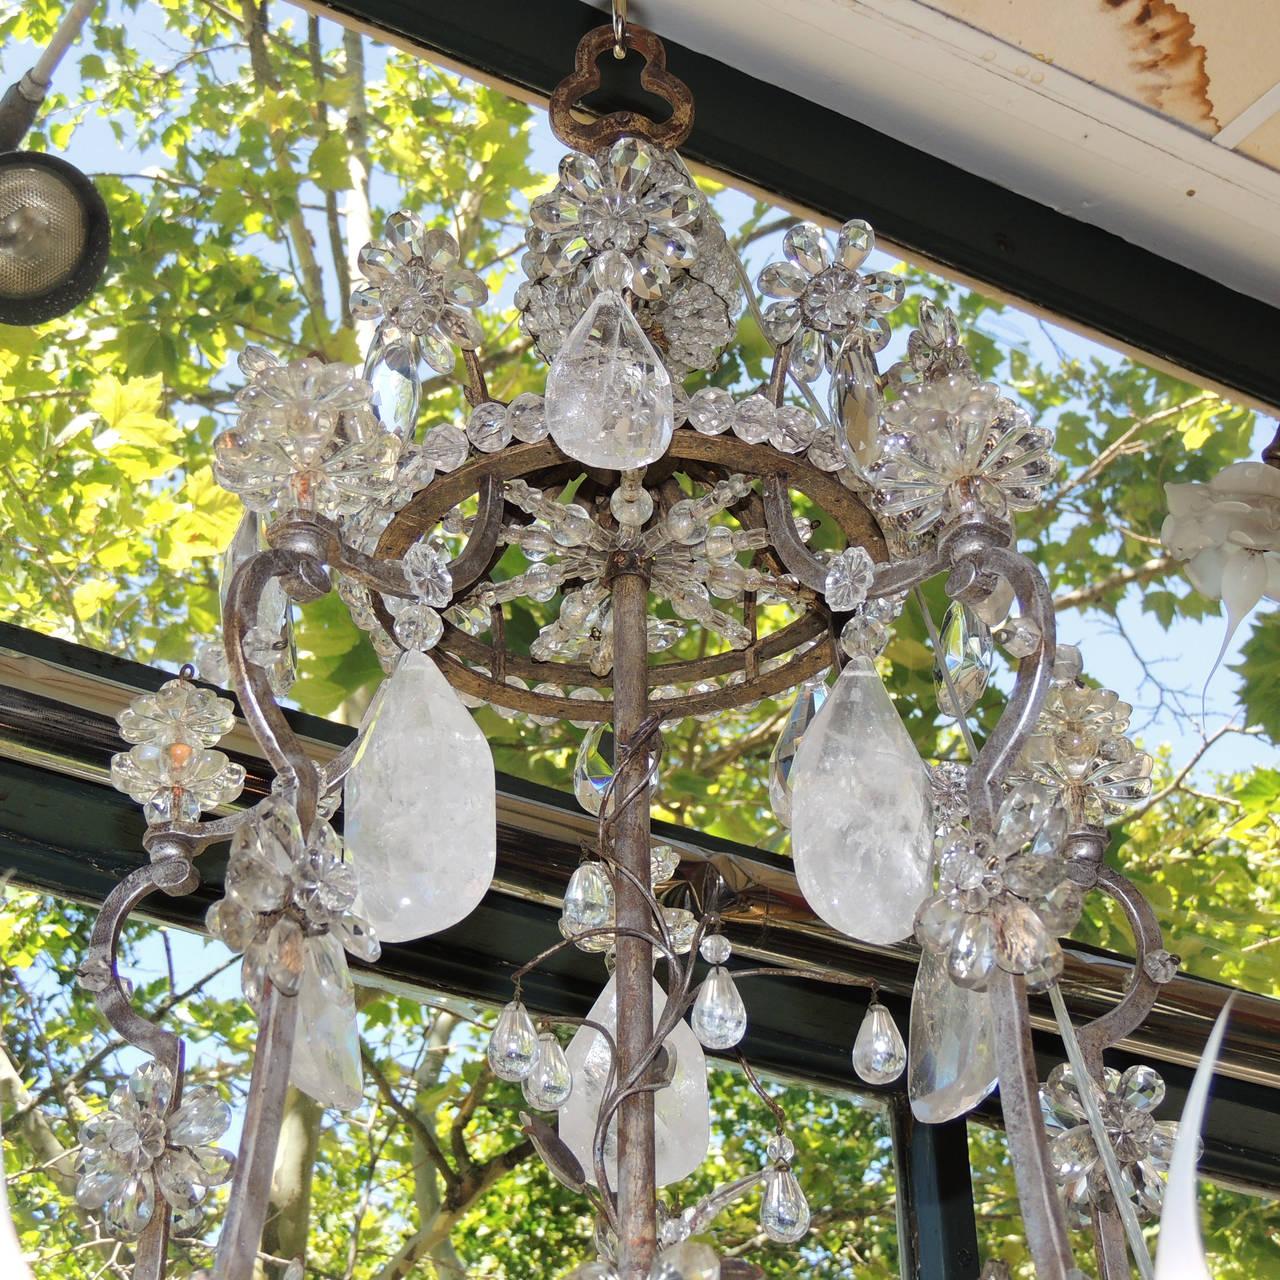 Incredible Maison Baguès Silver Rock Crystal Floral Centre Chandelier Fixture For Sale 1